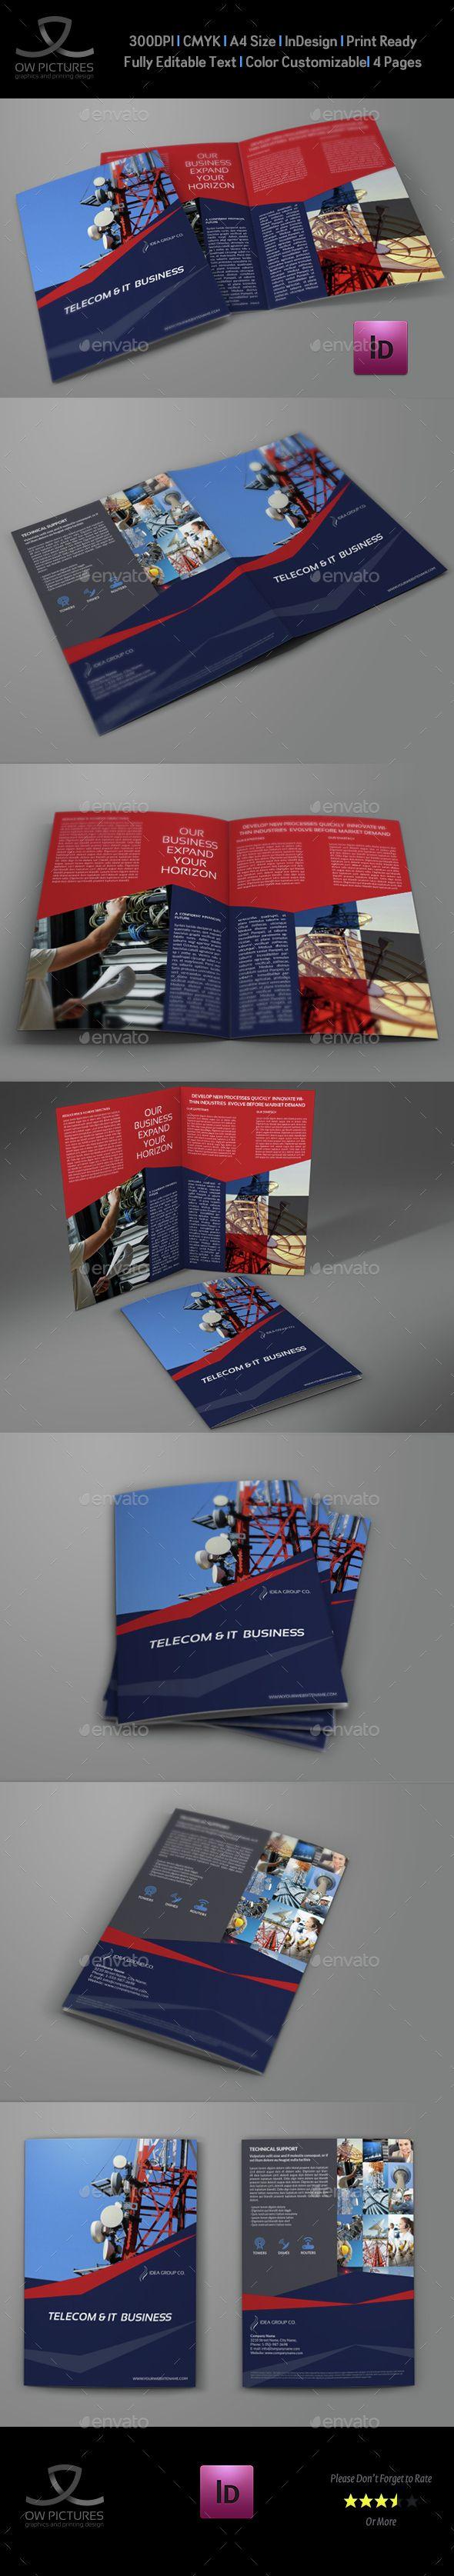 293 best Brochures images on Pinterest | Brochures, Brochure ...